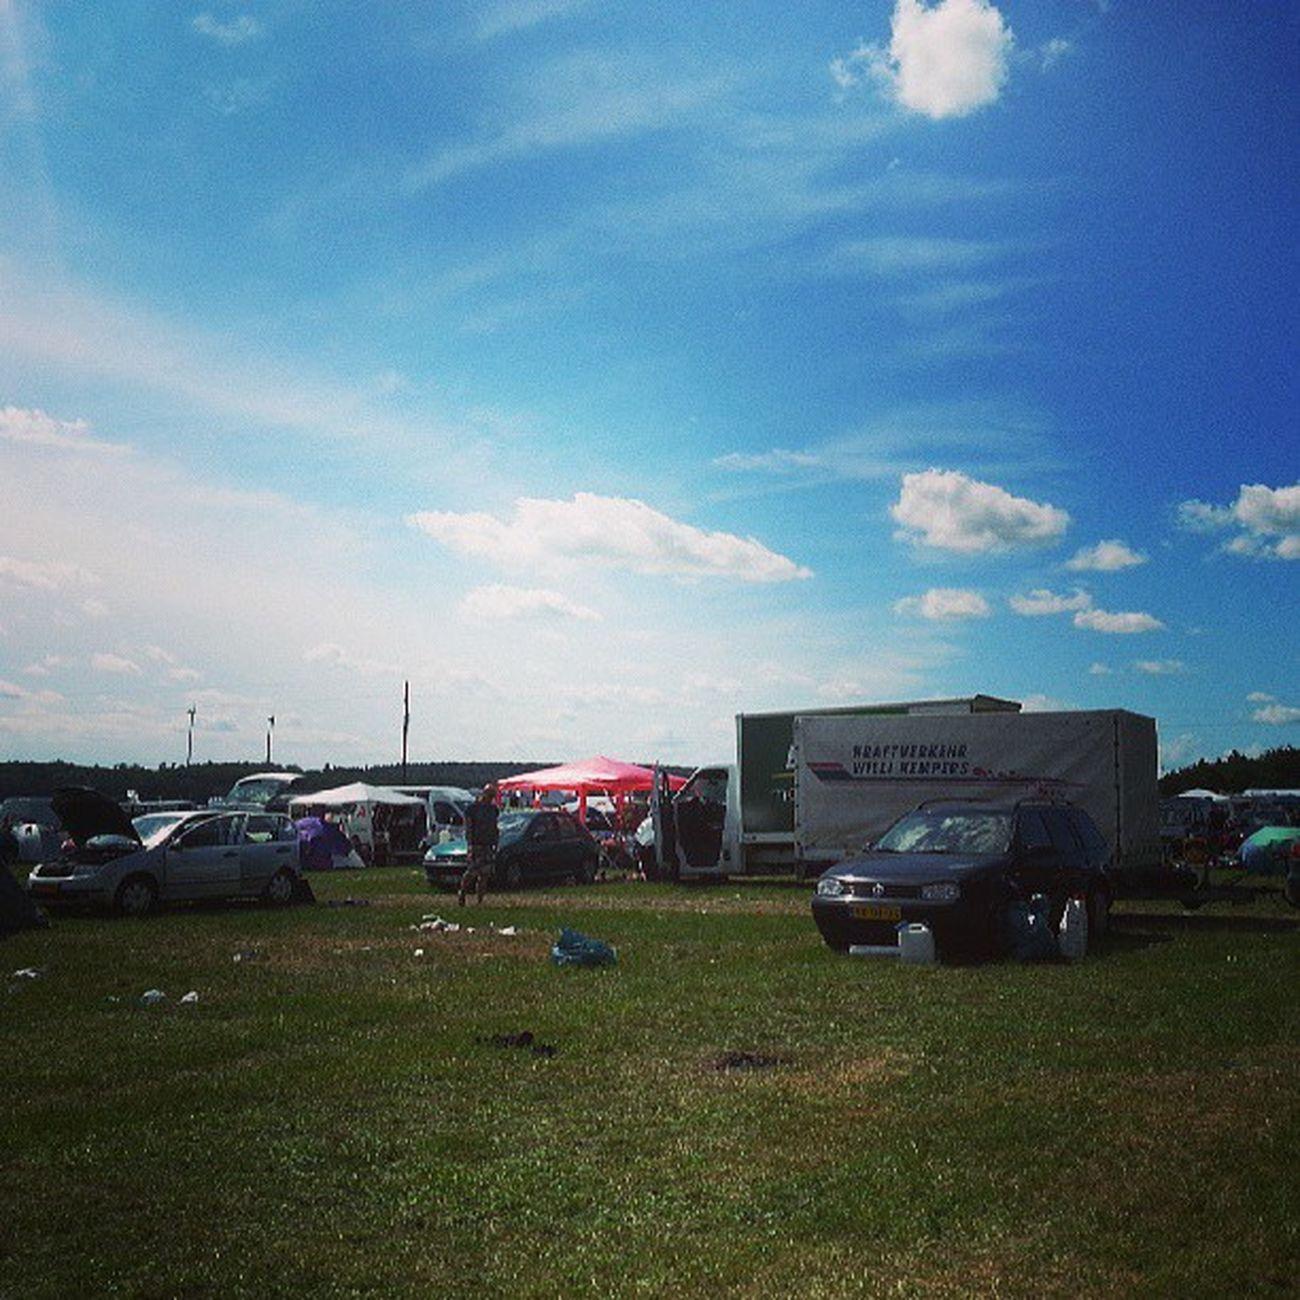 Einfach nur viel zu geil gewesen!!! NatureOne Feiern Party Campingvillage spaß festival sonne